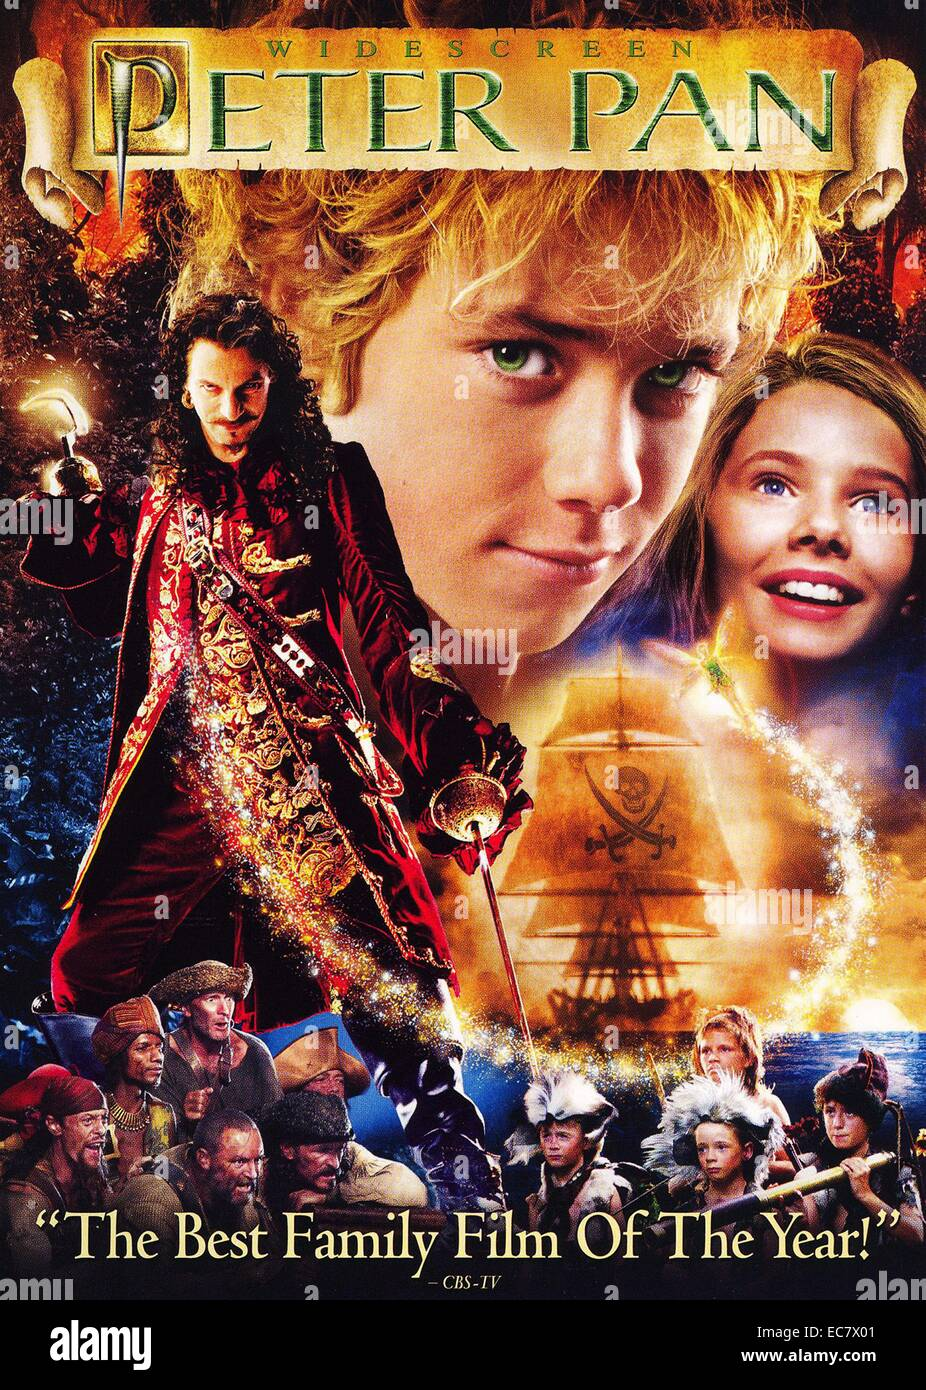 Peter Pan Film Stock Photos & Peter Pan Film Stock Images ...